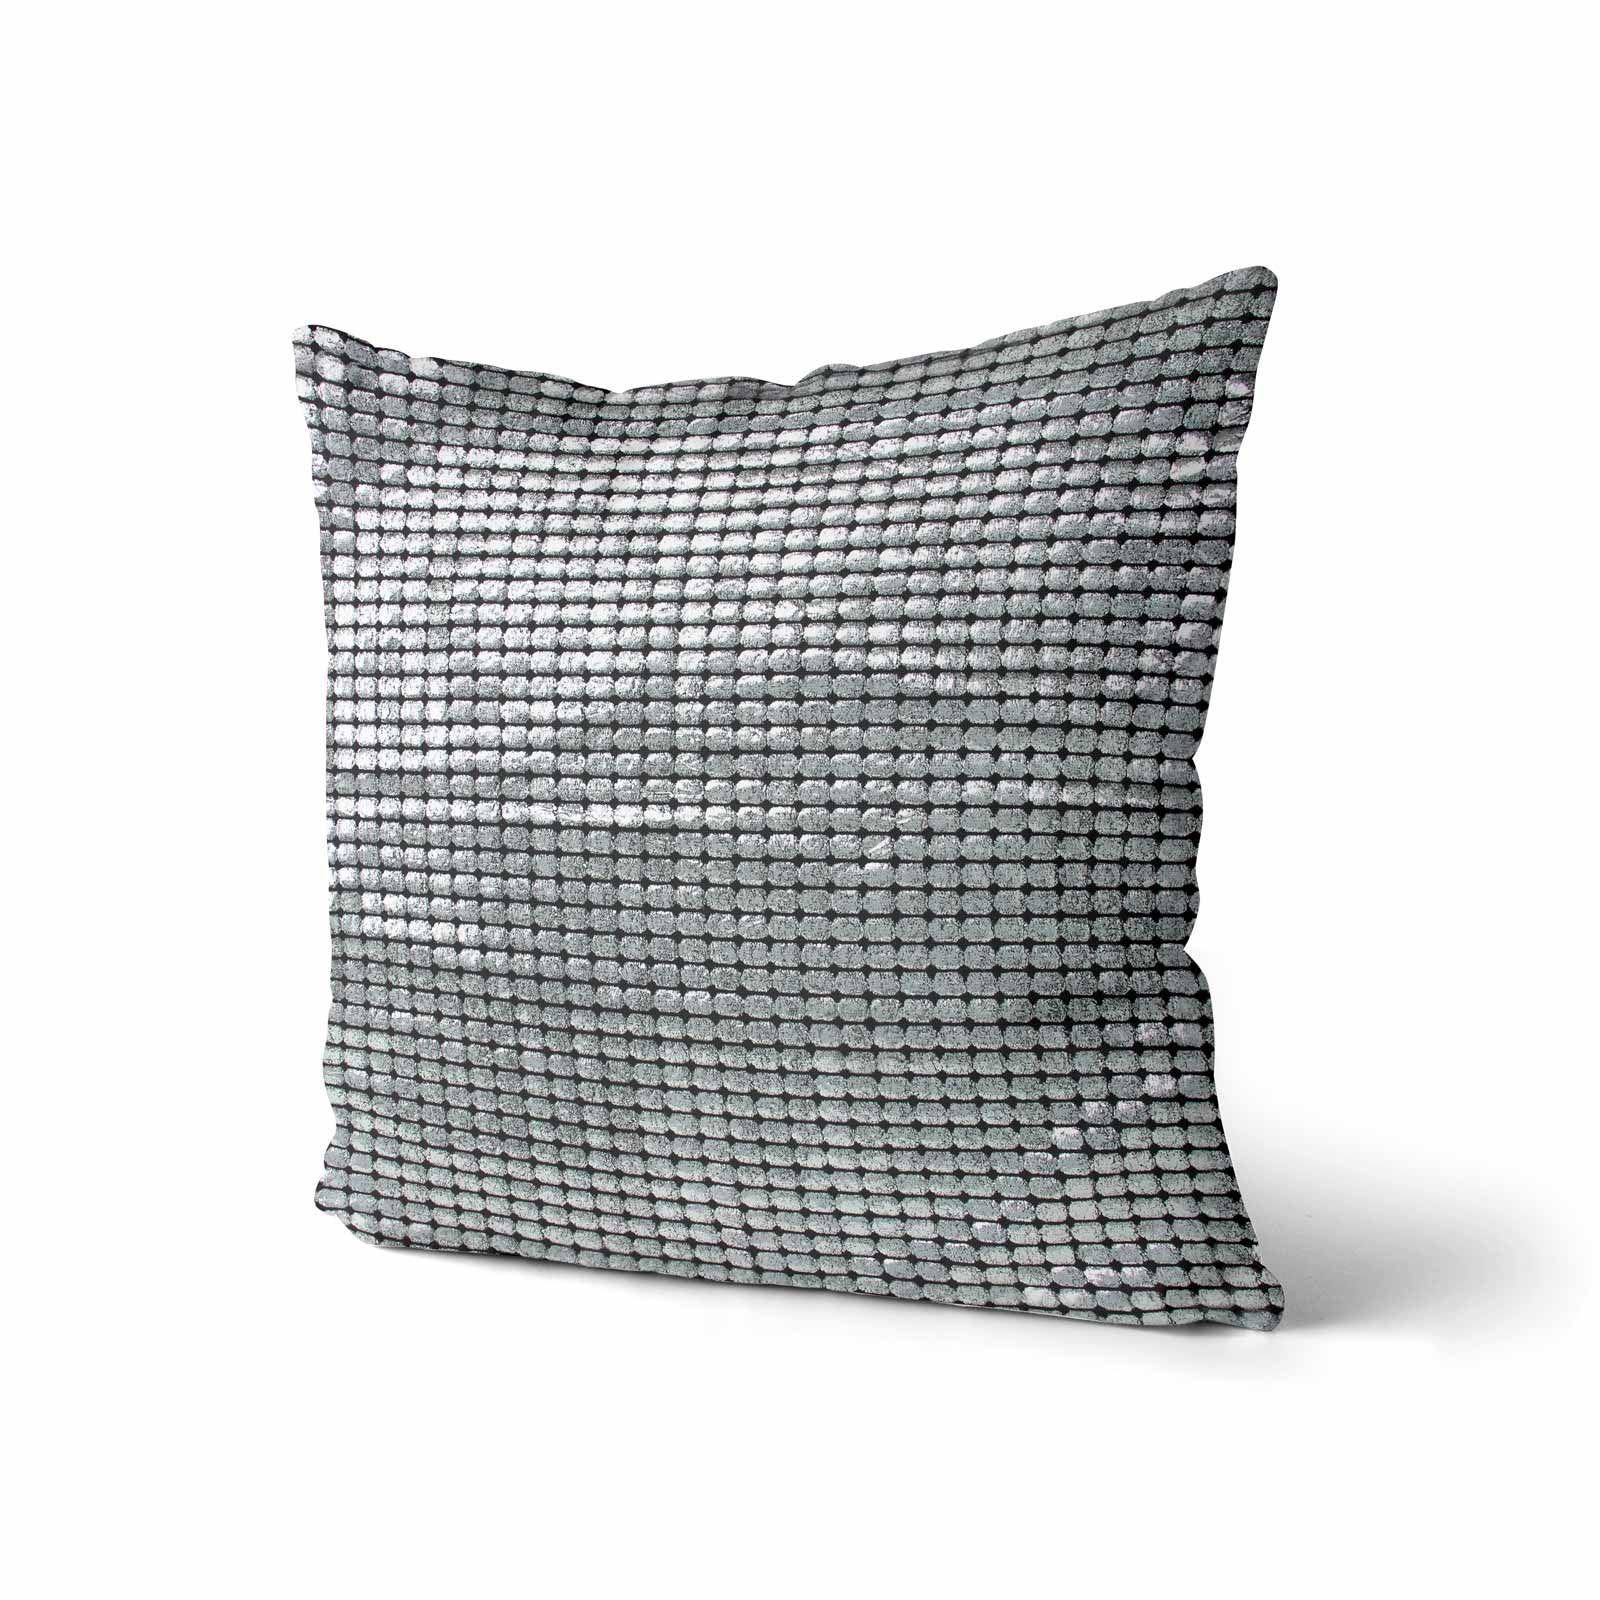 Impresion-de-lamina-metalica-Moderno-Funda-De-Cojin-Almohadon-cubiertas-de-cojines-18-034-X-18-034 miniatura 23